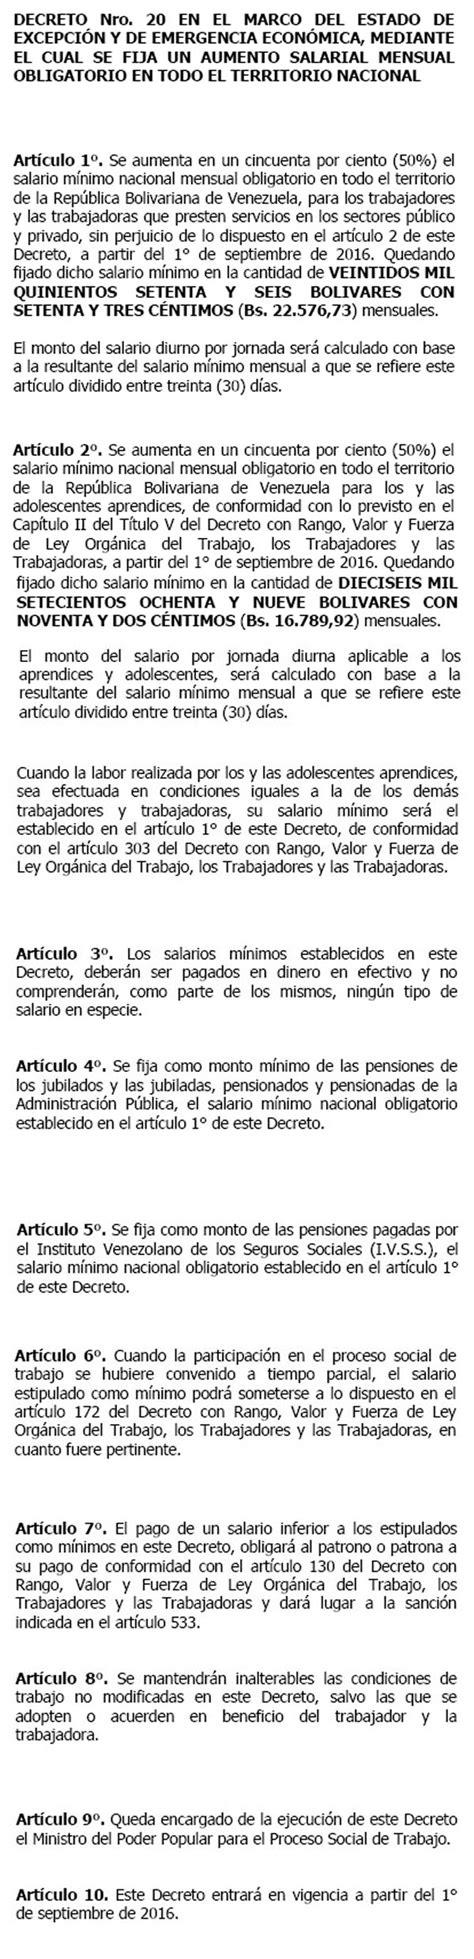 decreto bono alimentacion 2016 oficializado el aumentos de sueldo y del bono